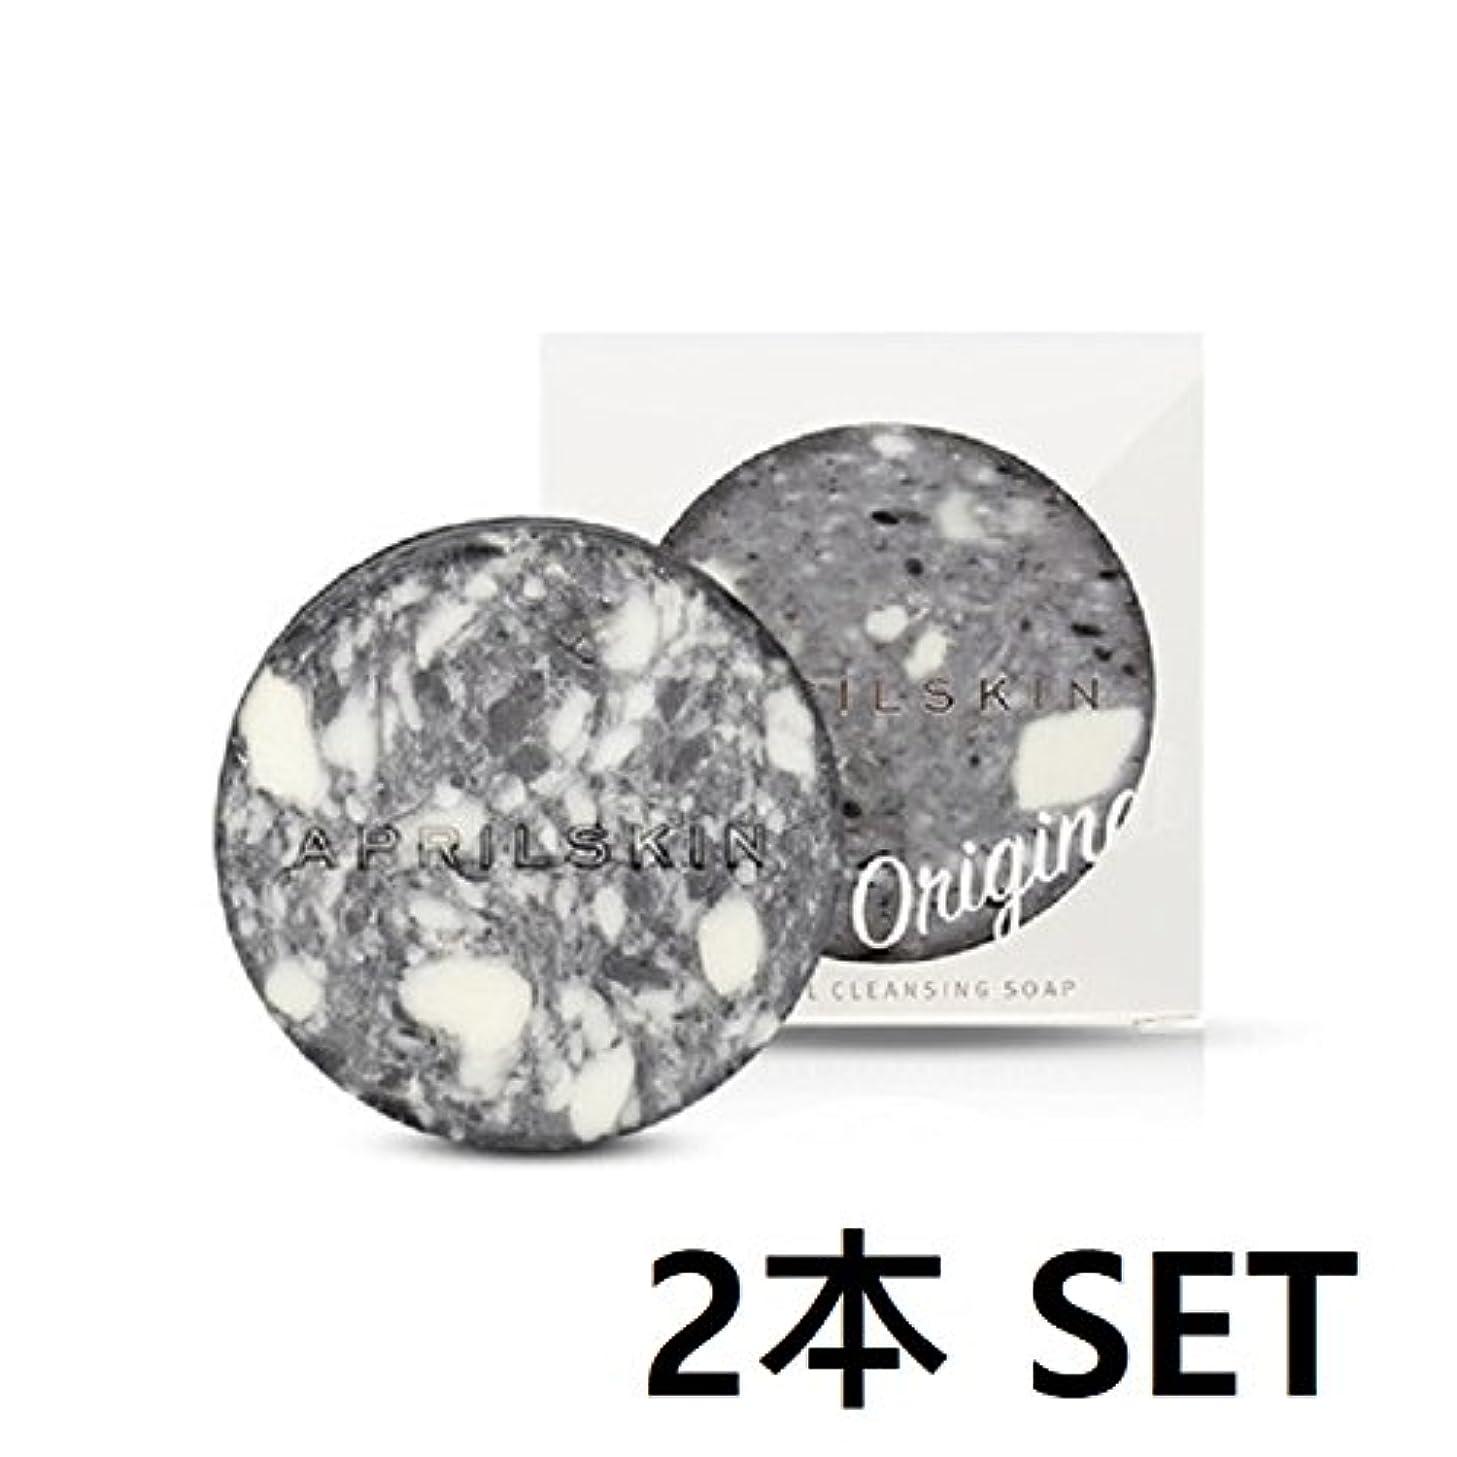 ディレイ塗抹ゲスト[APRILSKIN] エイプリルスキン国民石鹸 ORIGINAL X 2PCS SET (APRIL SKIN magic stone マジックストーンのリニューアルバージョン新発売) (ORIGINAL) [並行輸入品]